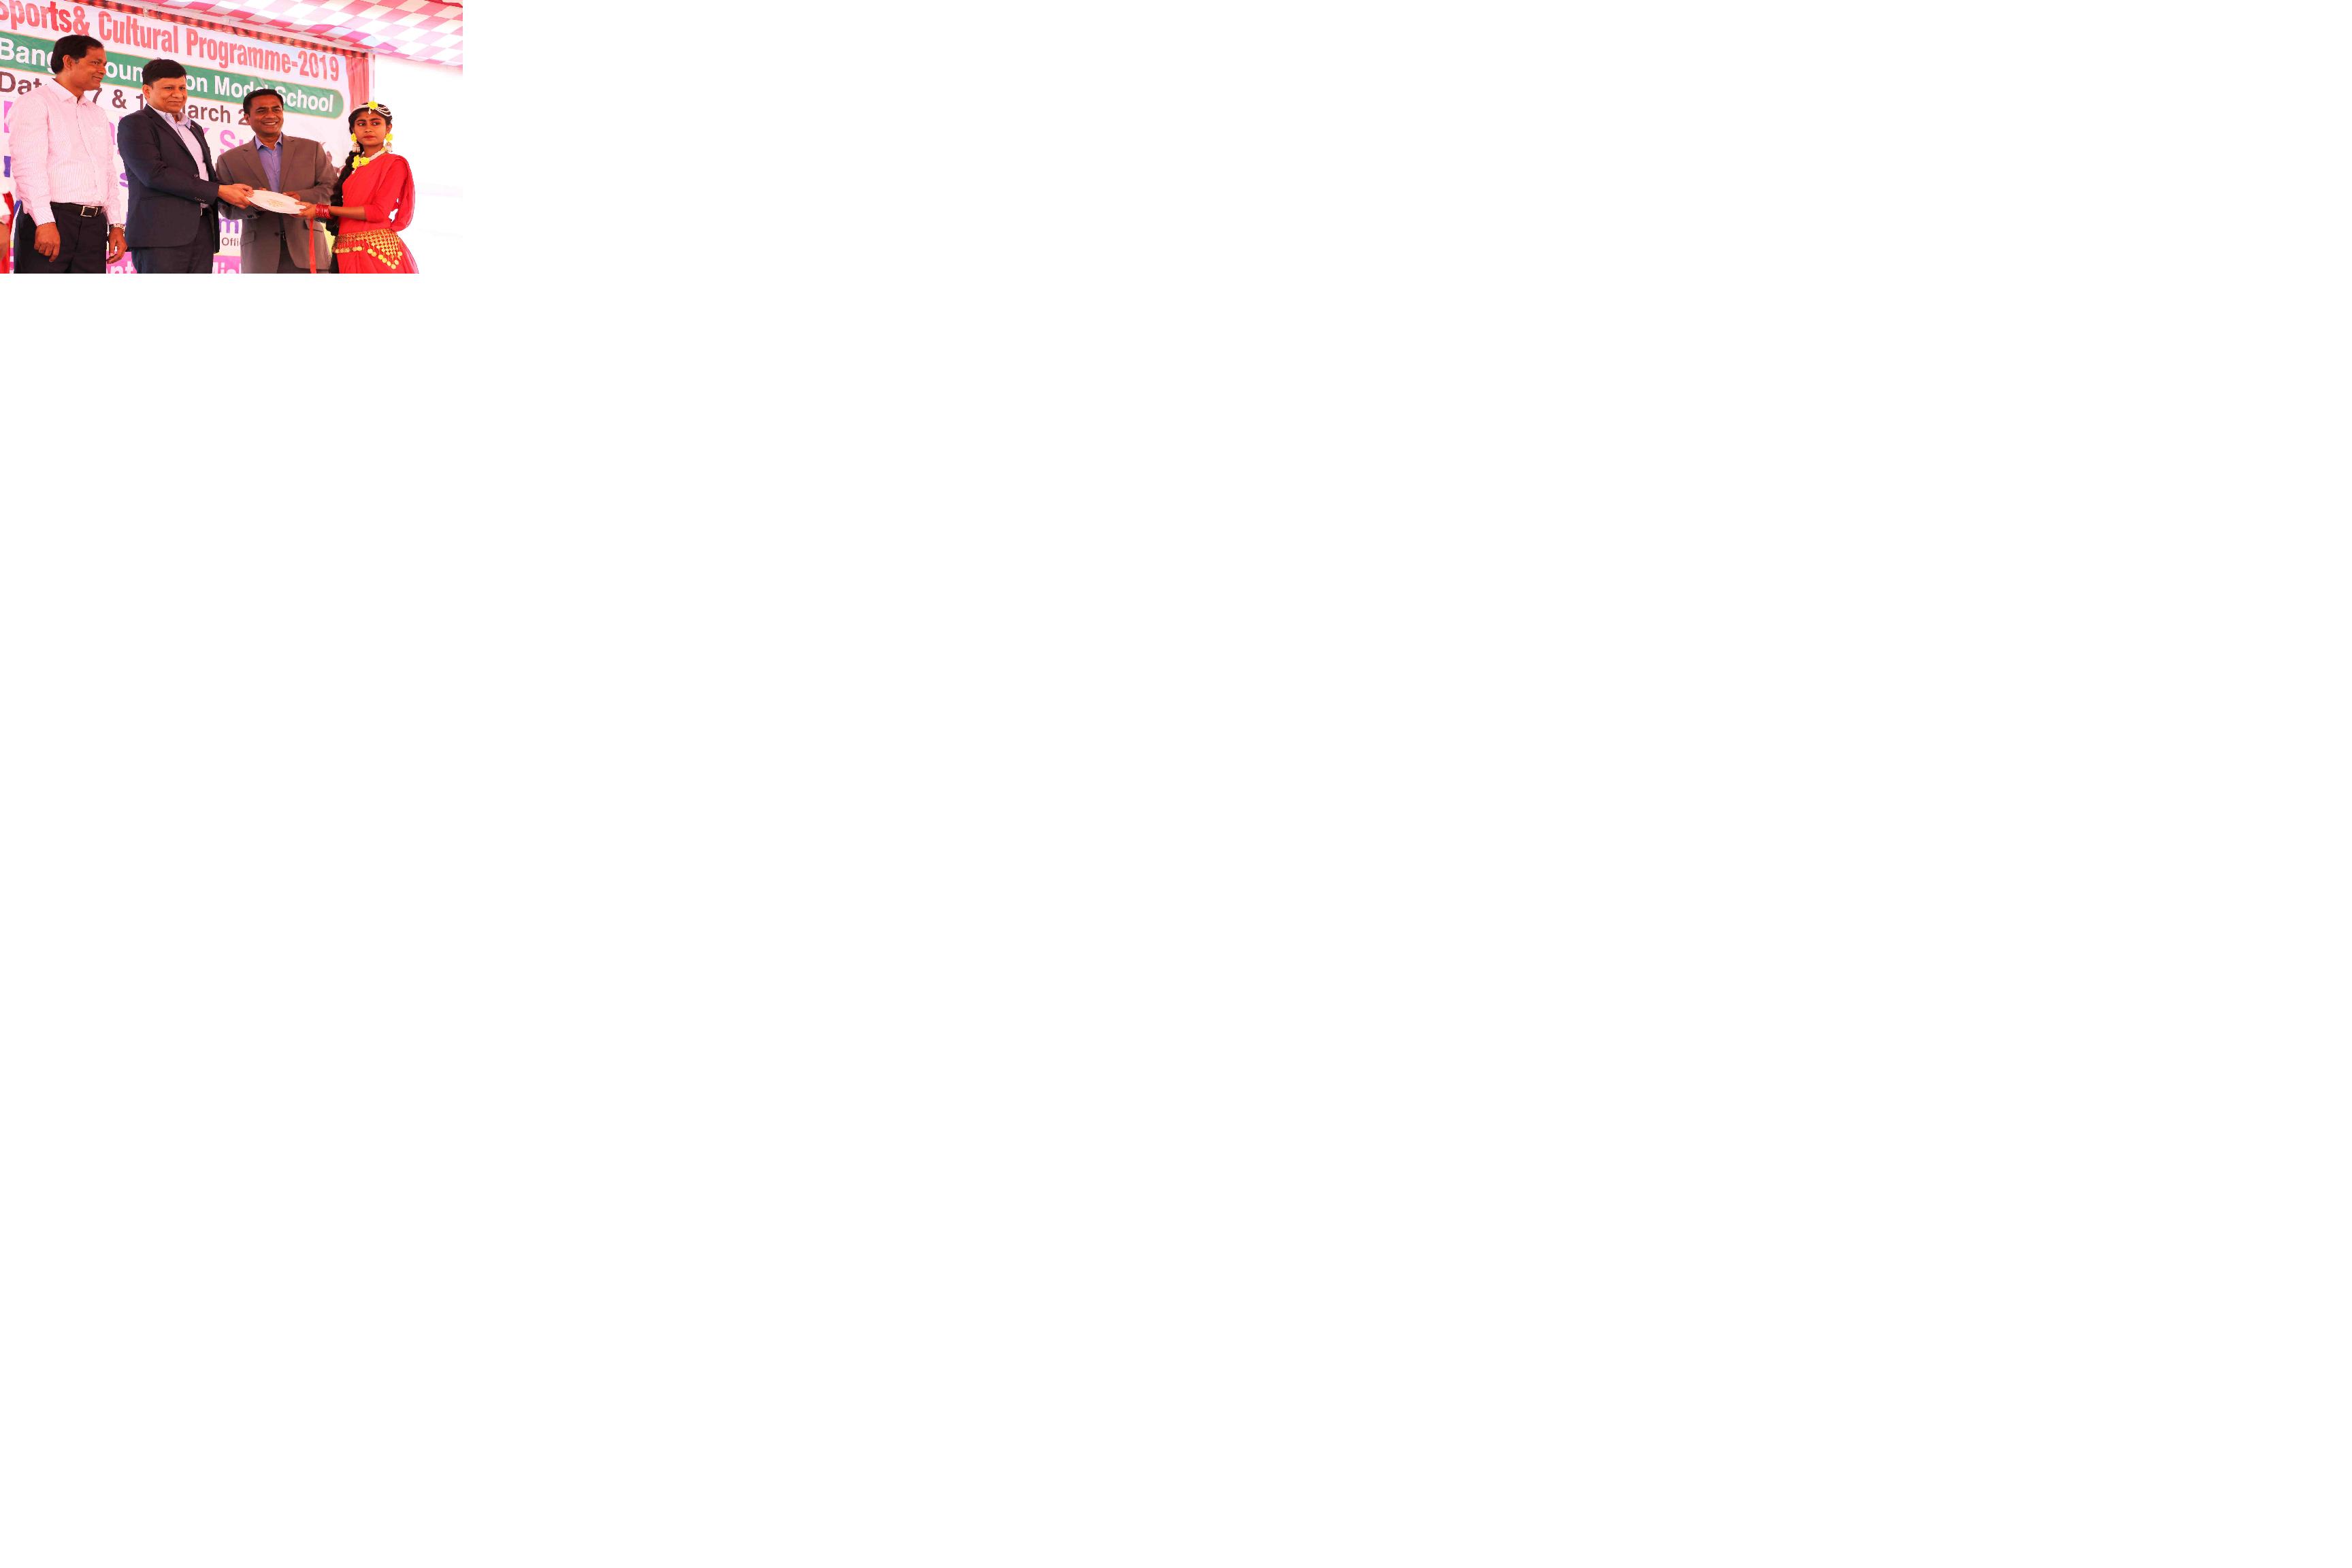 শরীয়তপুরের ইউরো বাংলা স্কুলের পাশে লাফার্জহোলসিম